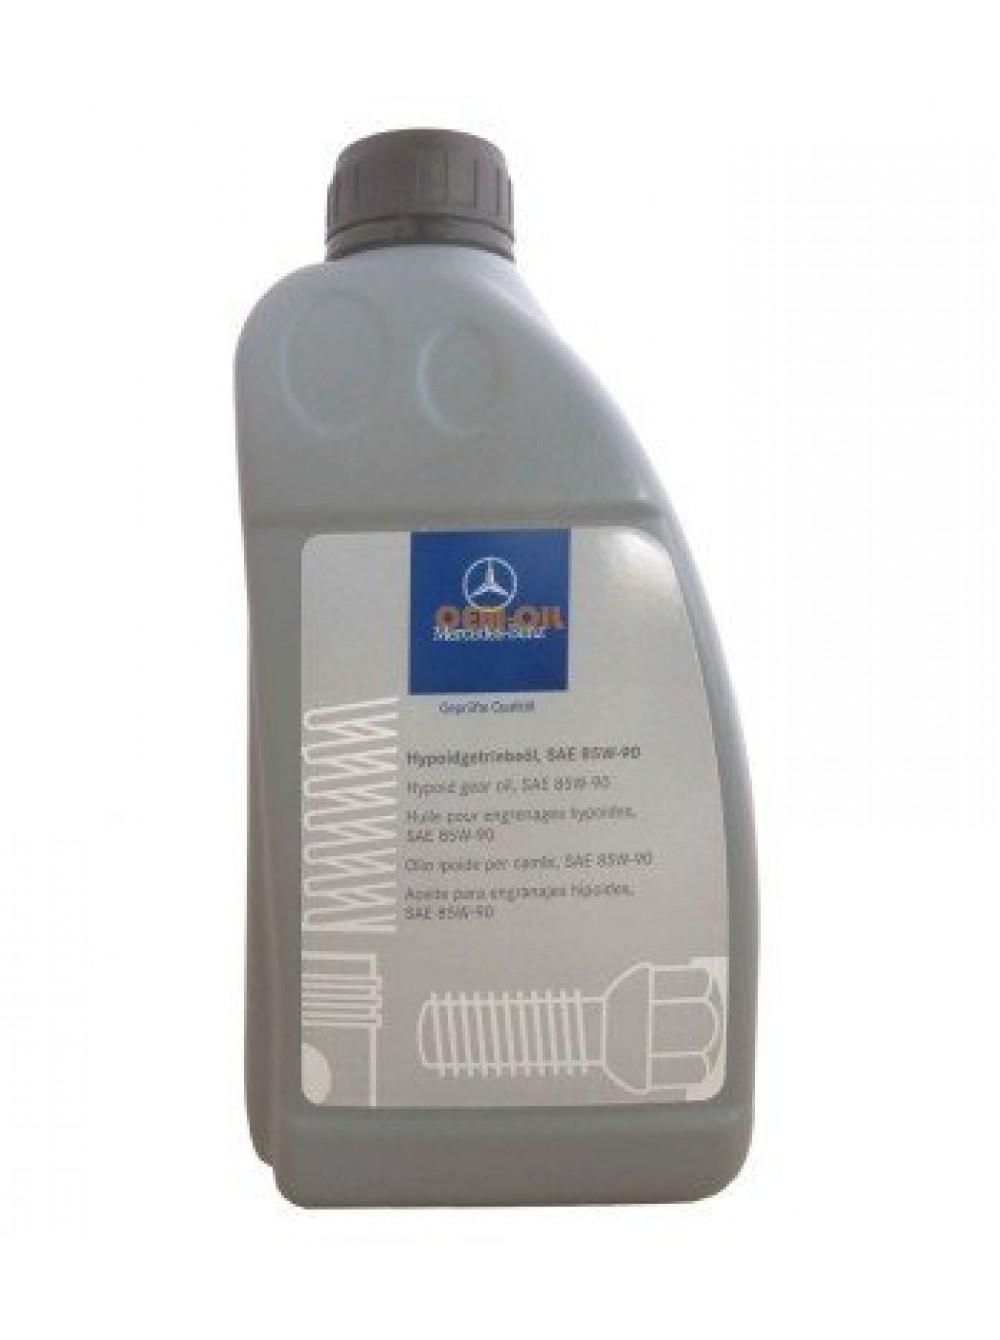 Трансмиссионное масло Mercedes MB 235.0, SAE 85W-90 2803, 1 л